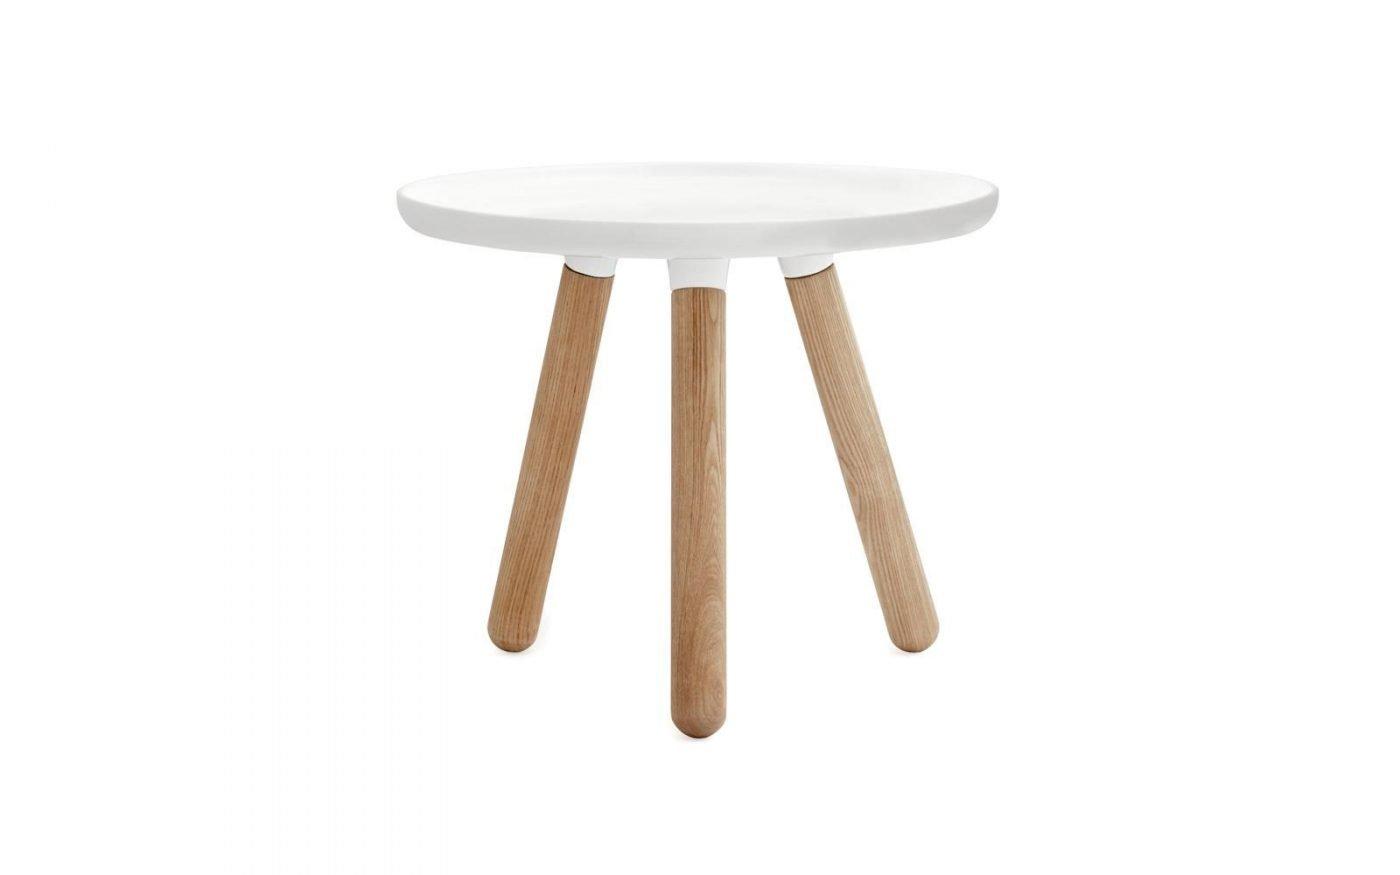 Tablo-Table-Small-normann-copenhagen-white-ash